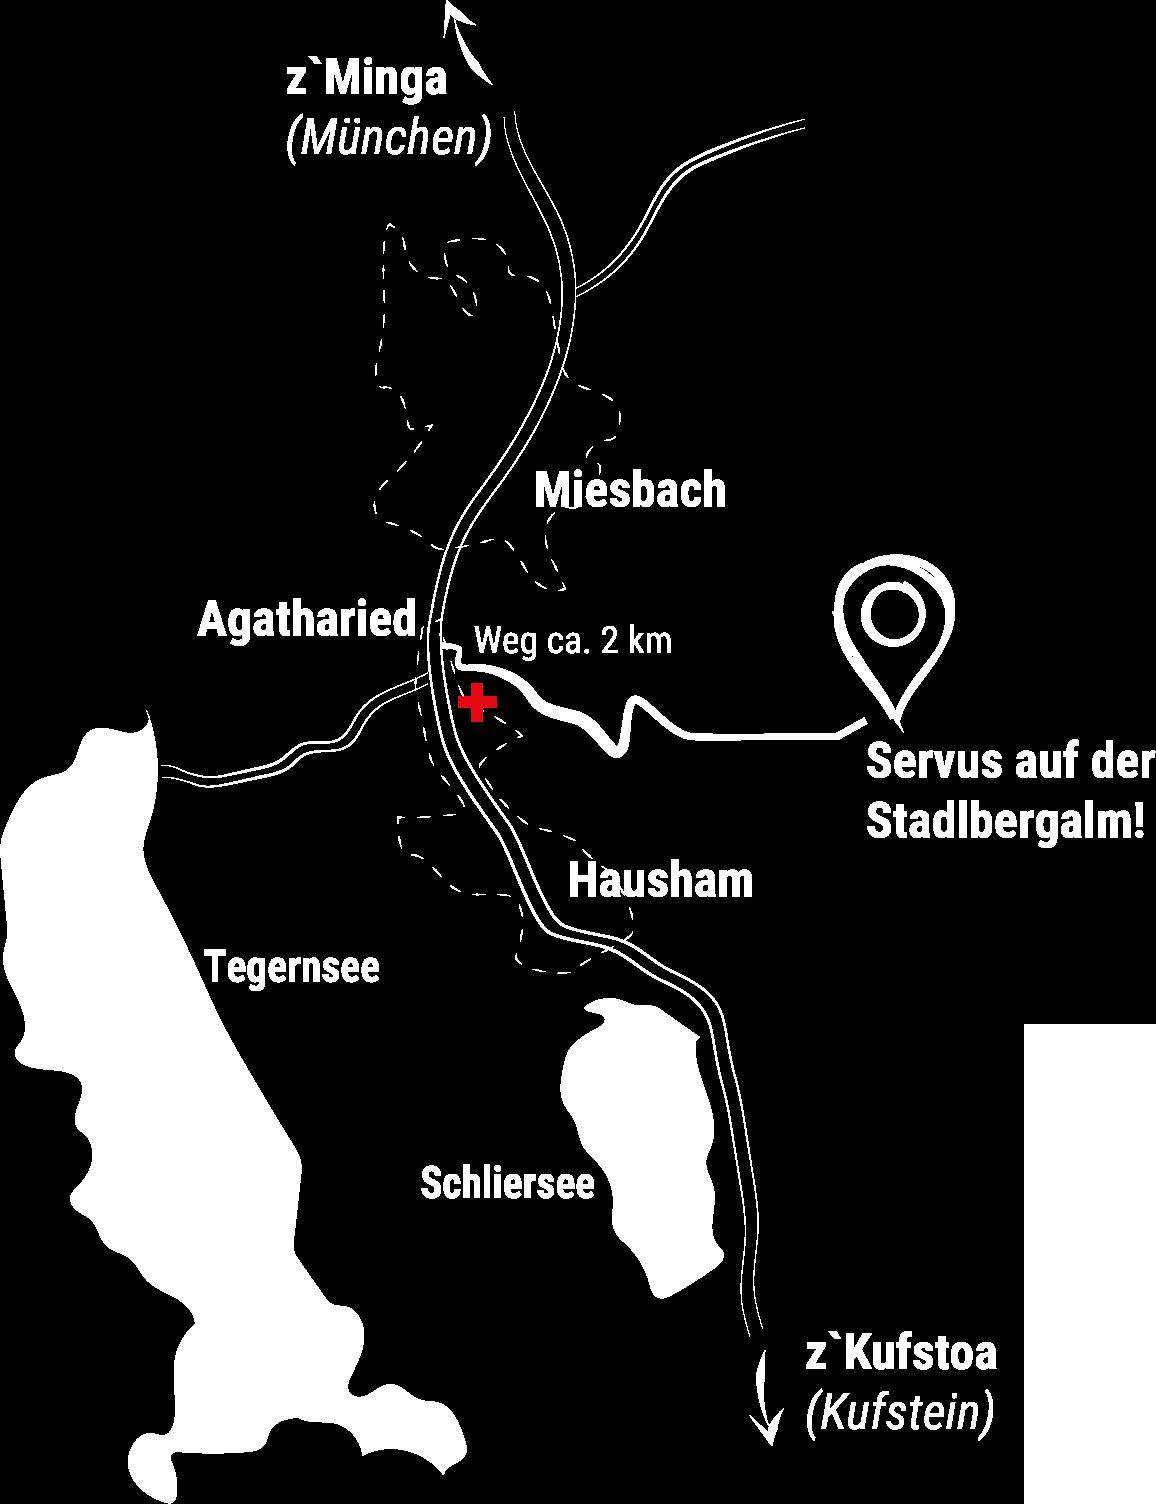 Anfahrtsplan zur Stadlbergalm